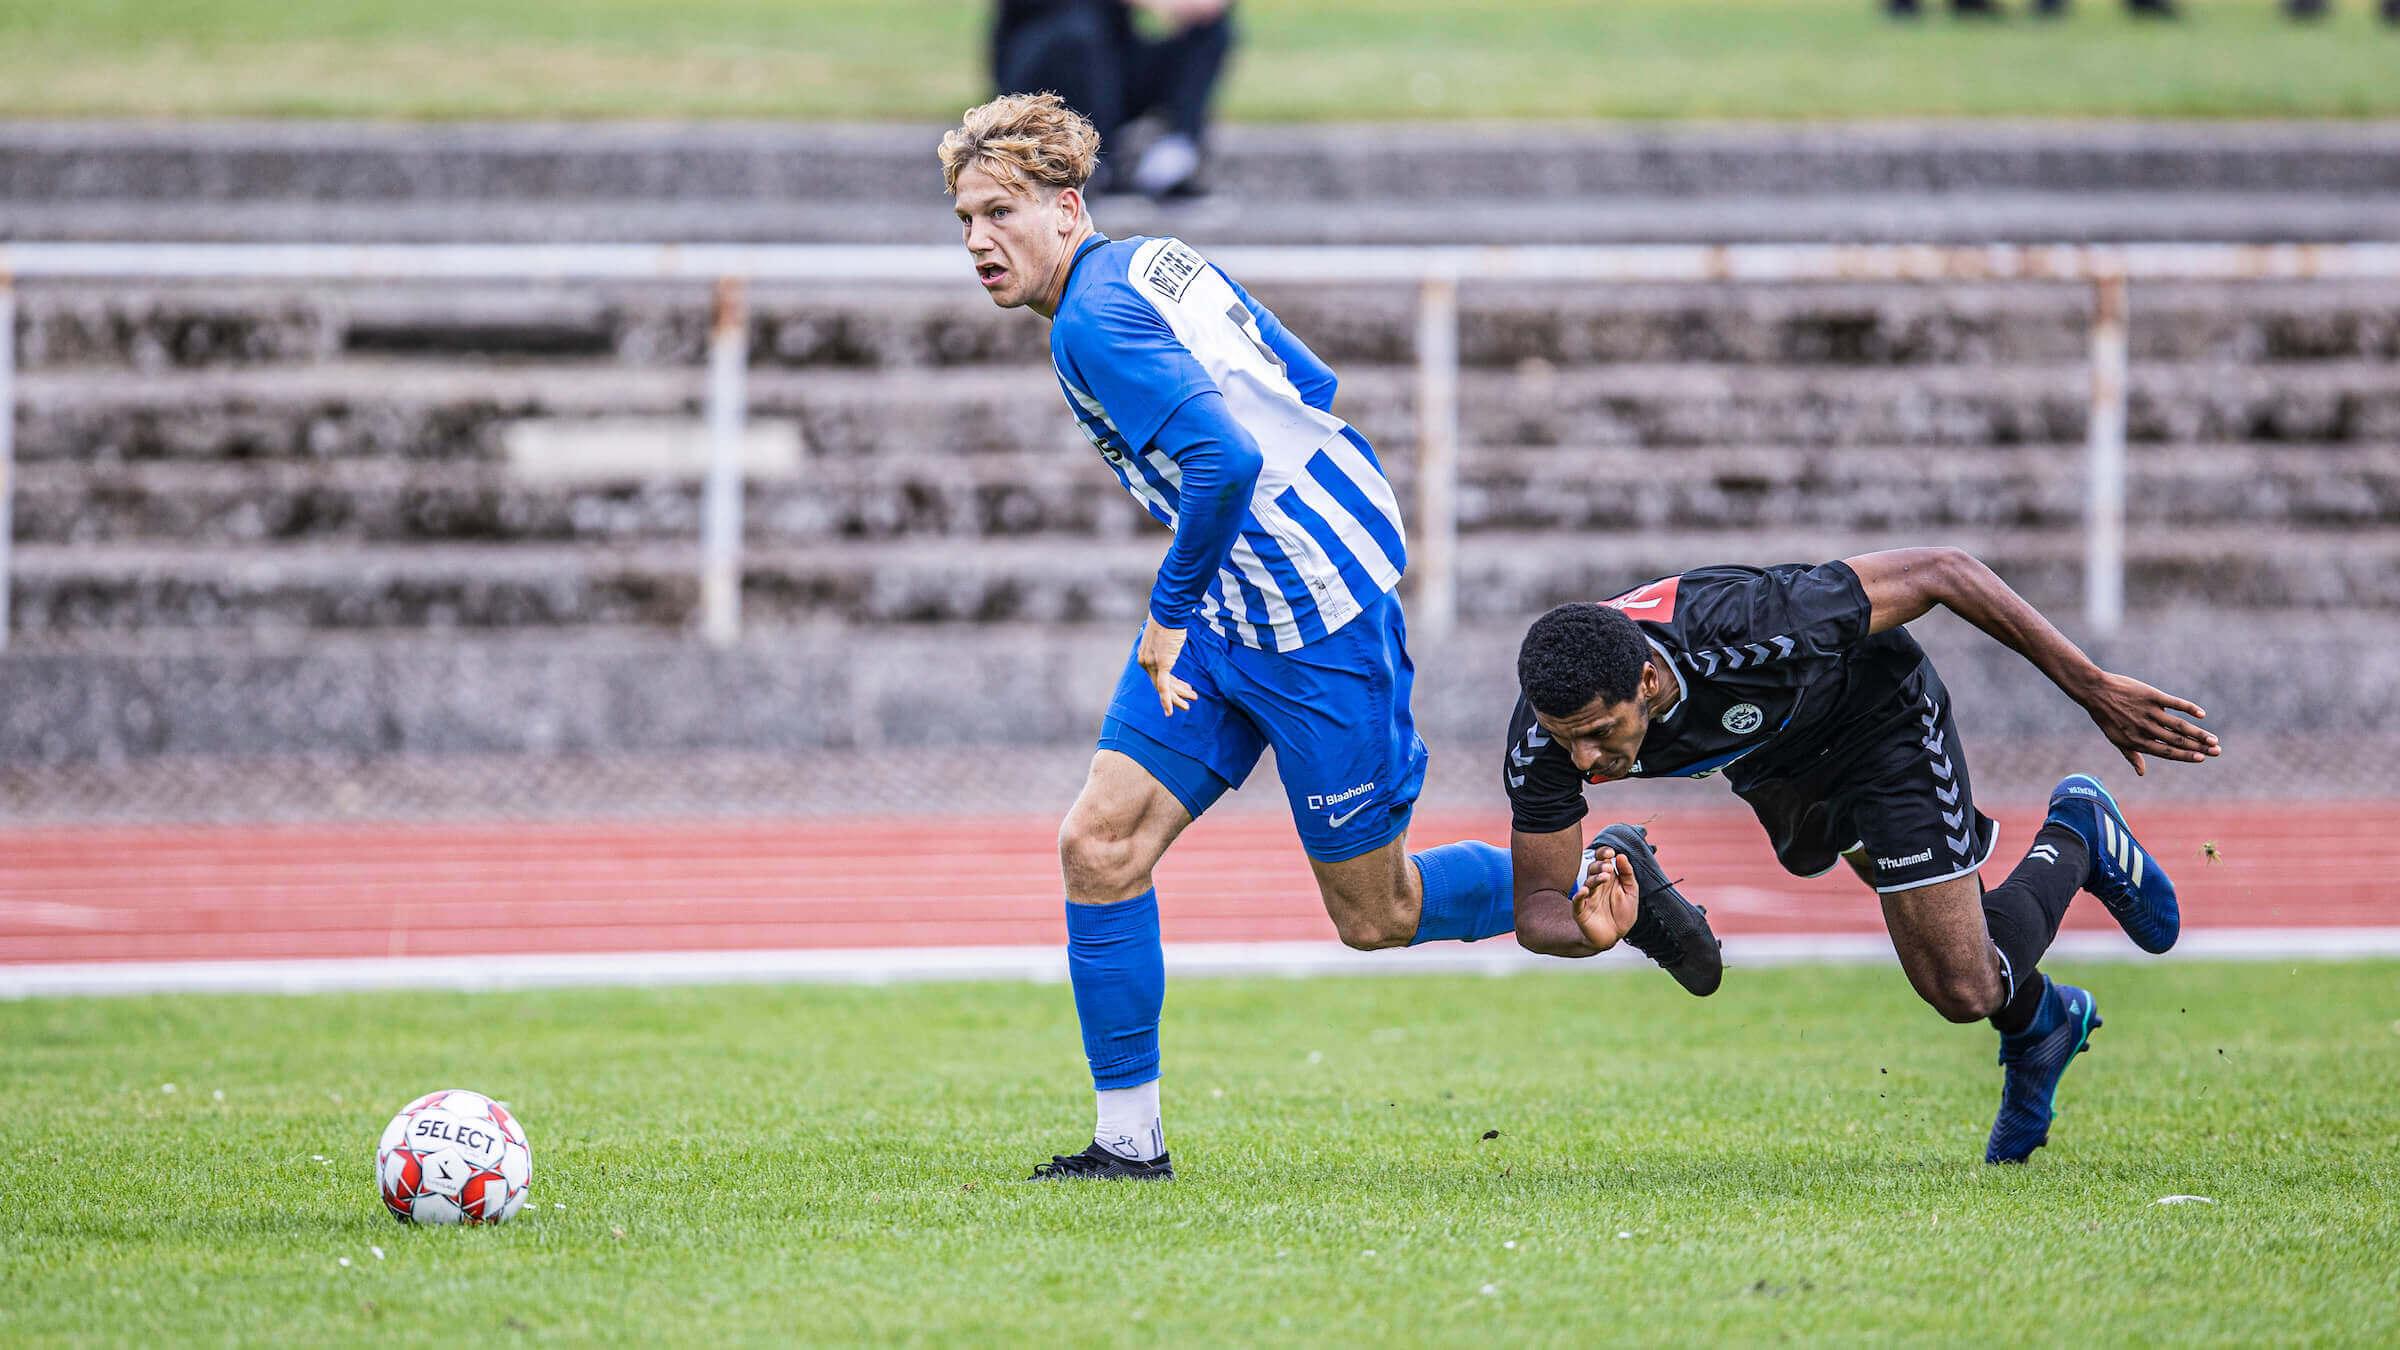 Dalügge-hattrick ikke nok mod Lyngby